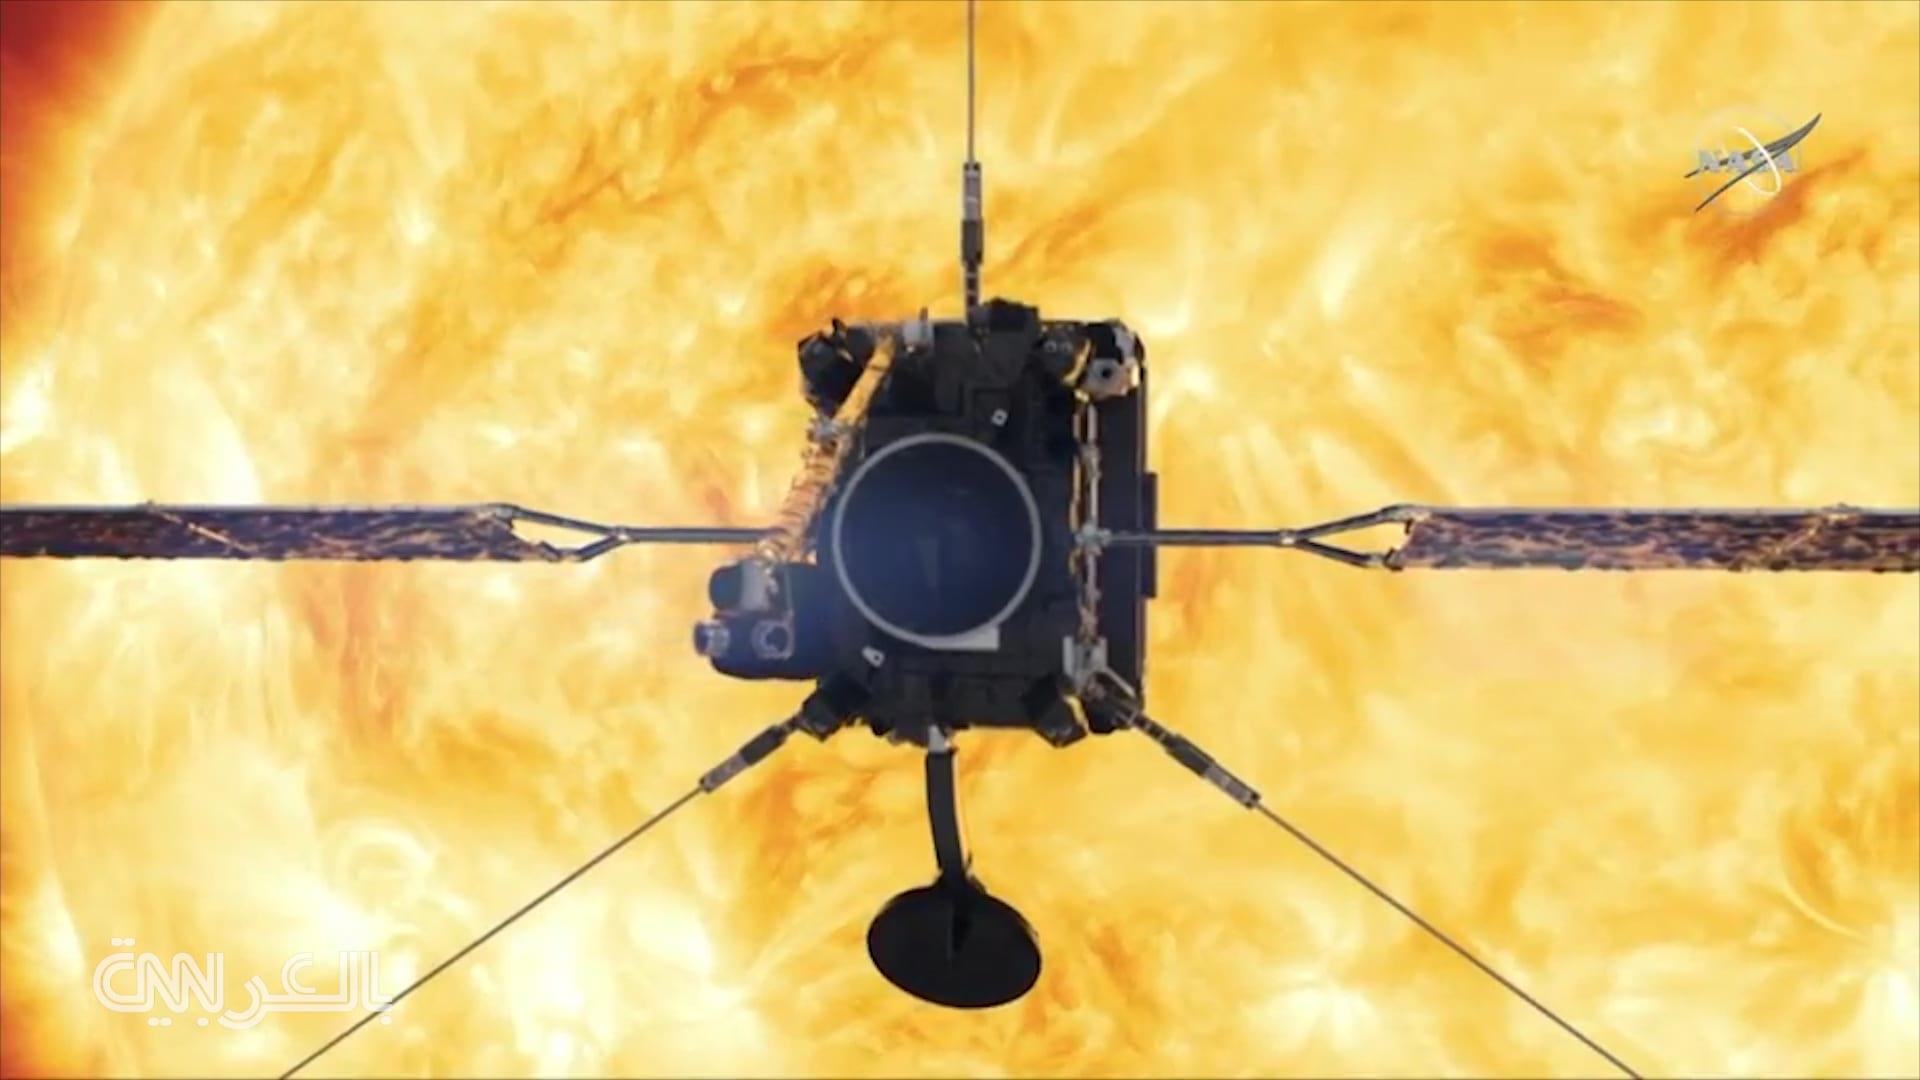 أول مهمة تلتقط صوراً من نوعها للشمس.. شاهد إطلاق مدار ناسا الشمسي إلى الفضاء